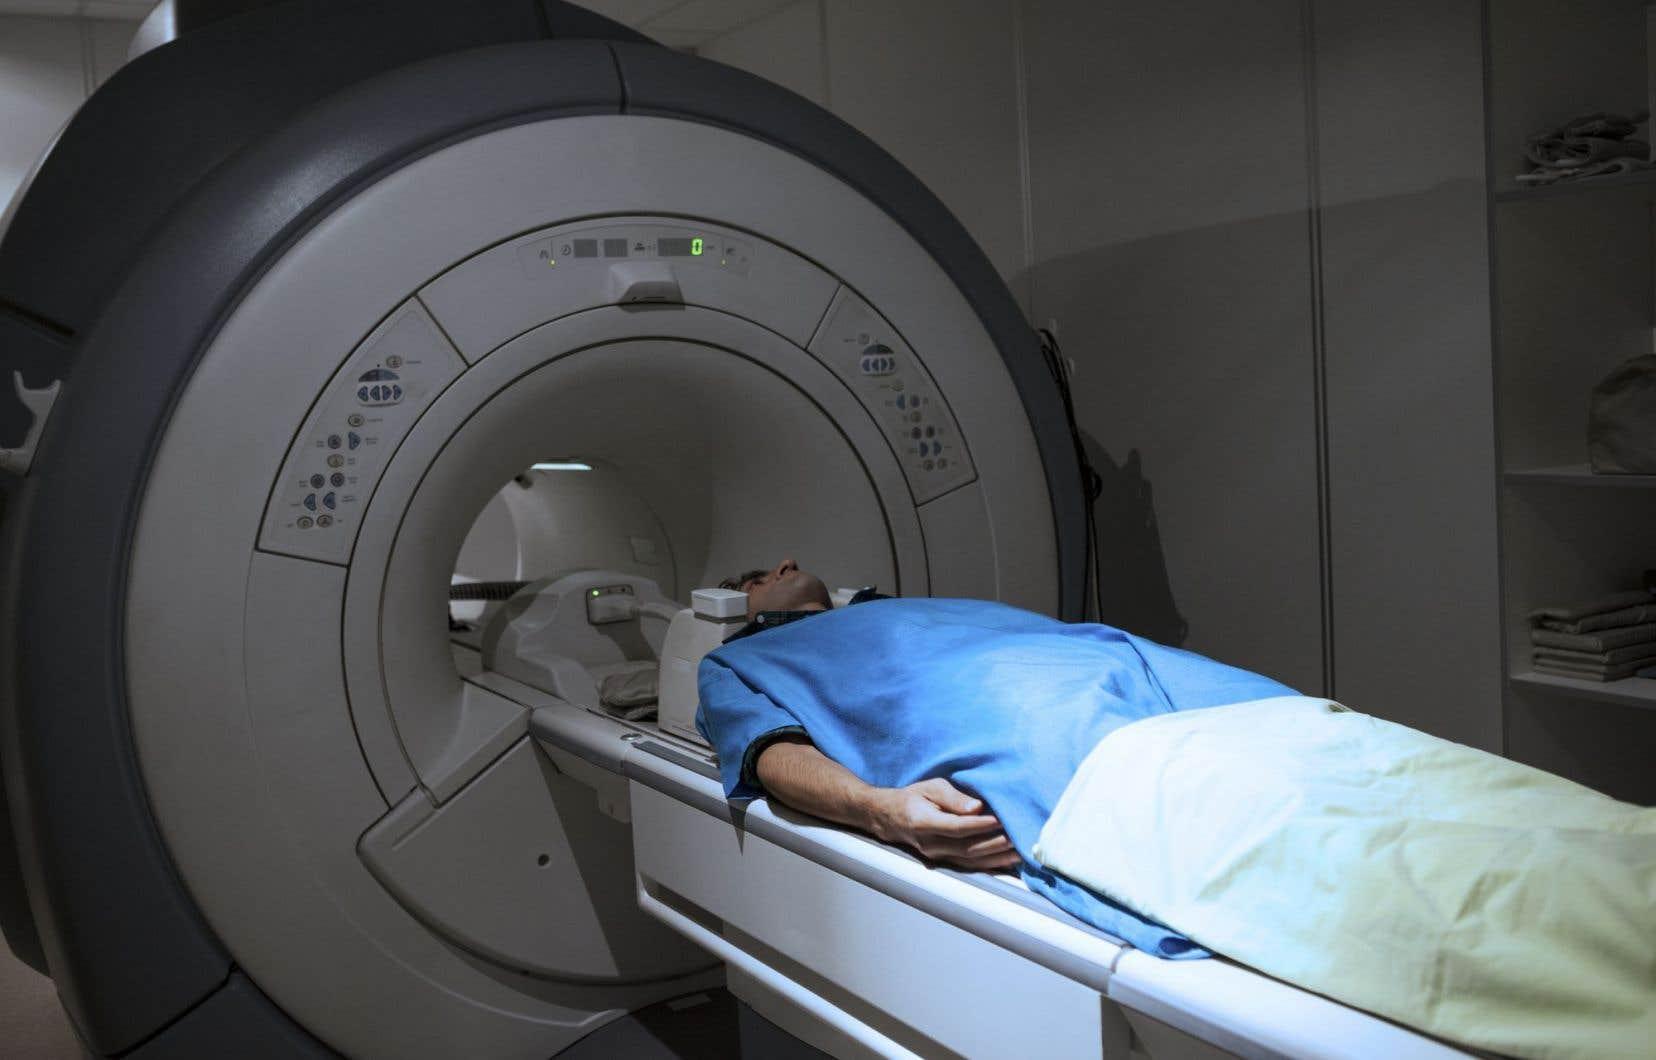 Entre 1987 et 2010, un total de 446 cas ont été recensés à Shannon, dont 9 cancers du cerveau.